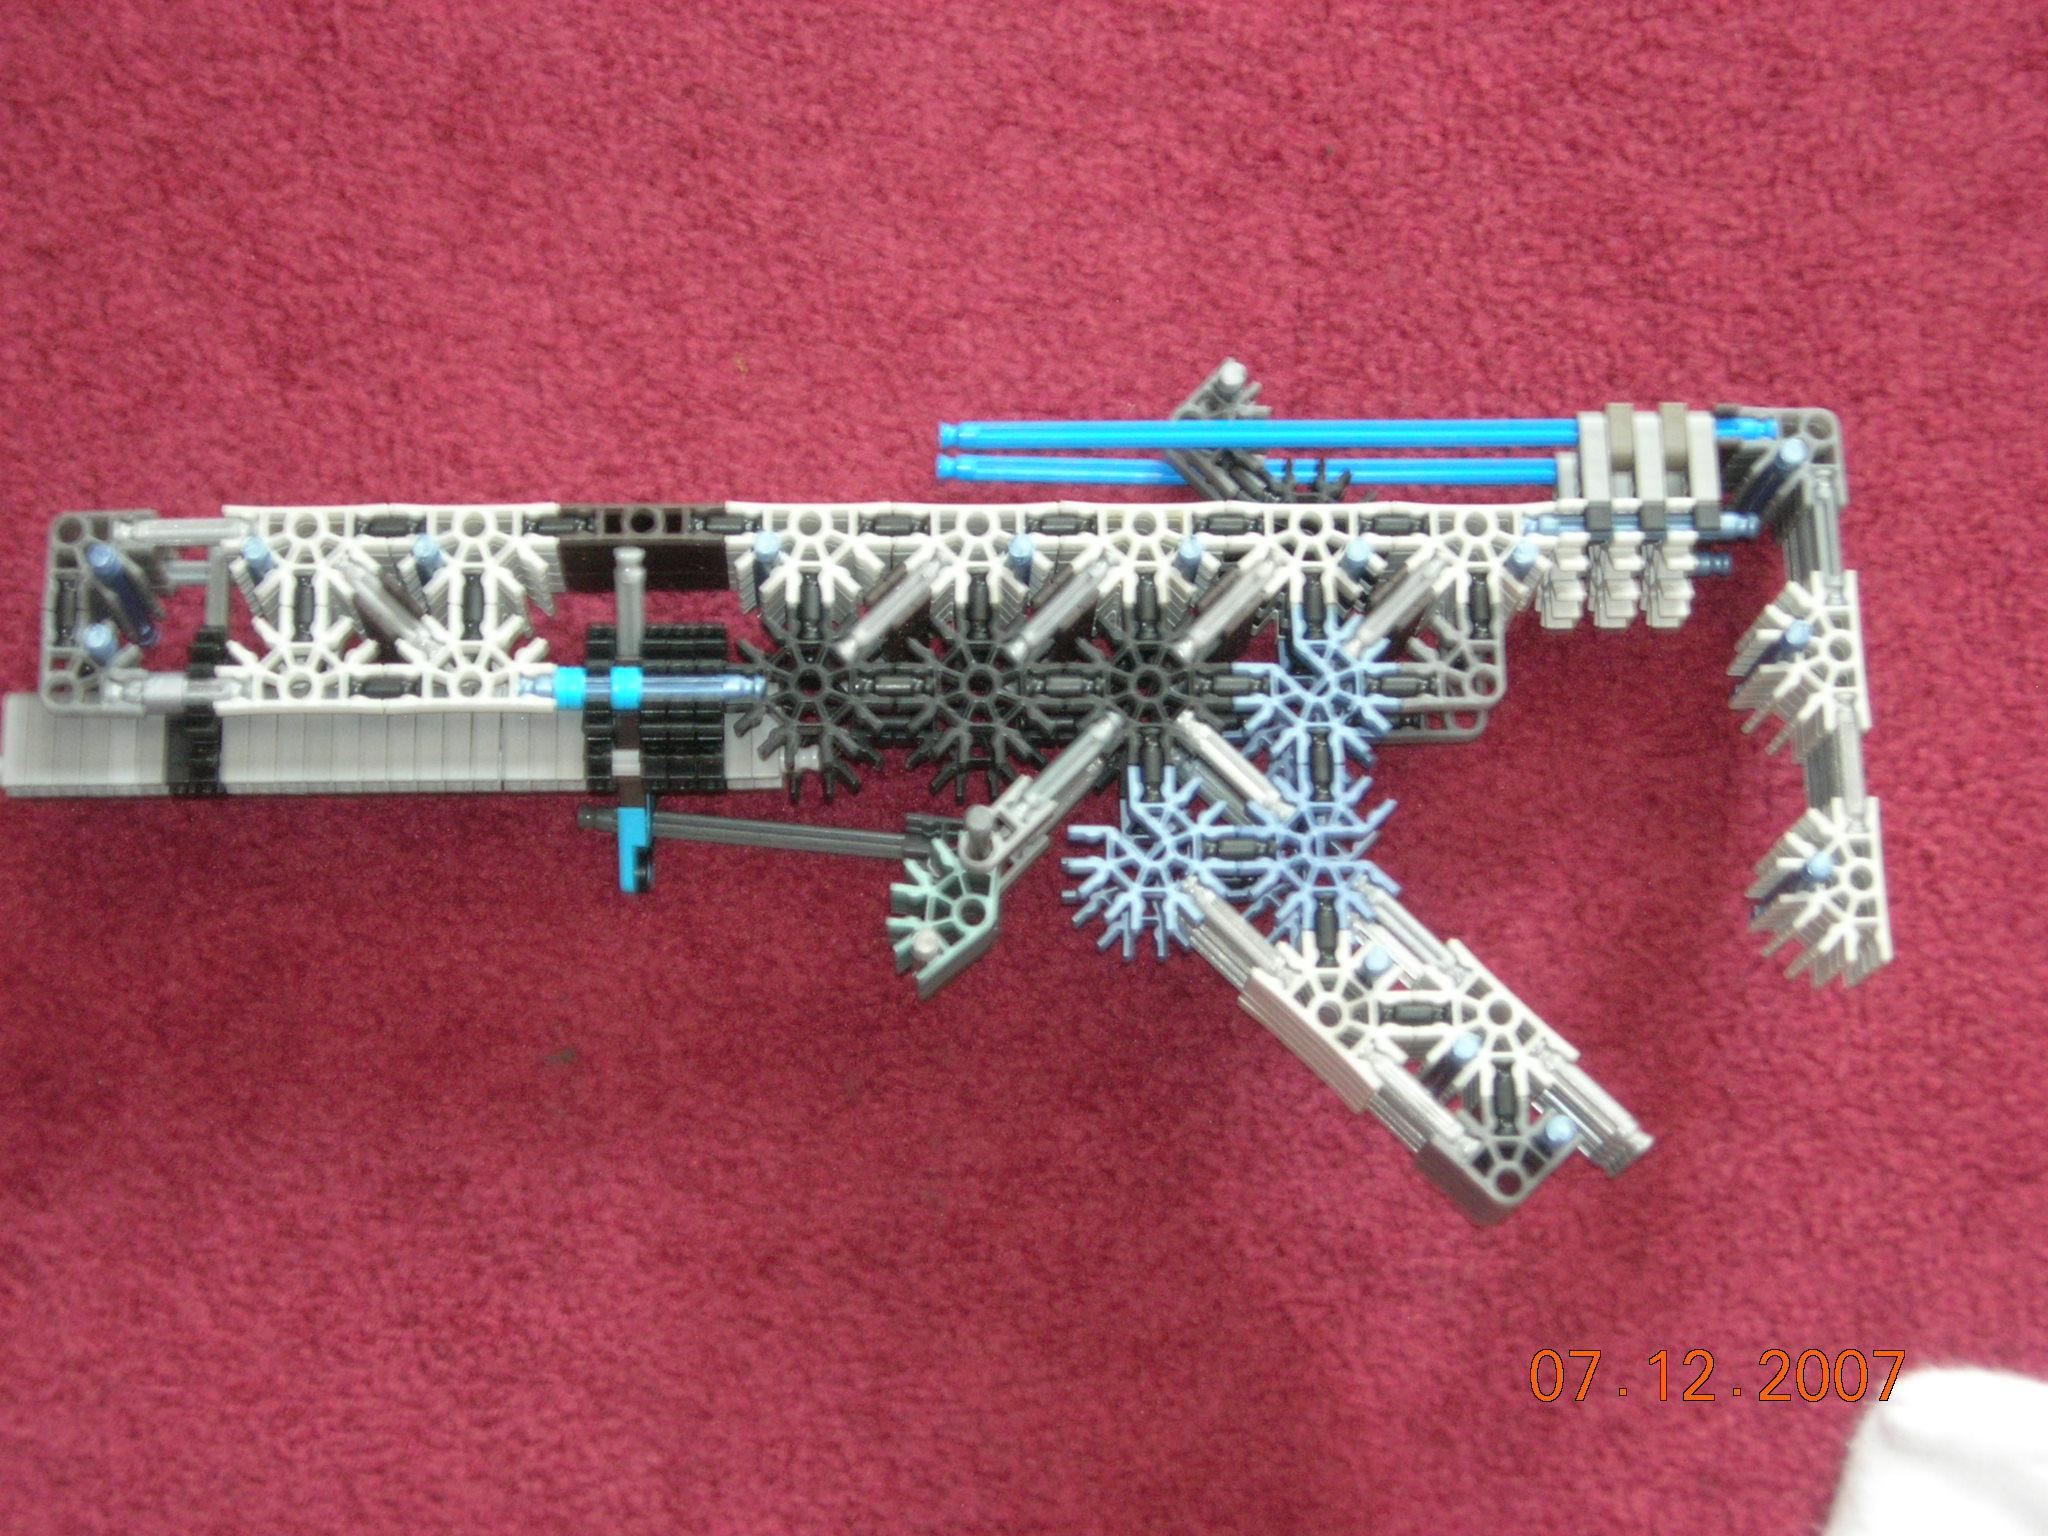 a trigger for Flie-Ing GOOse mp5.